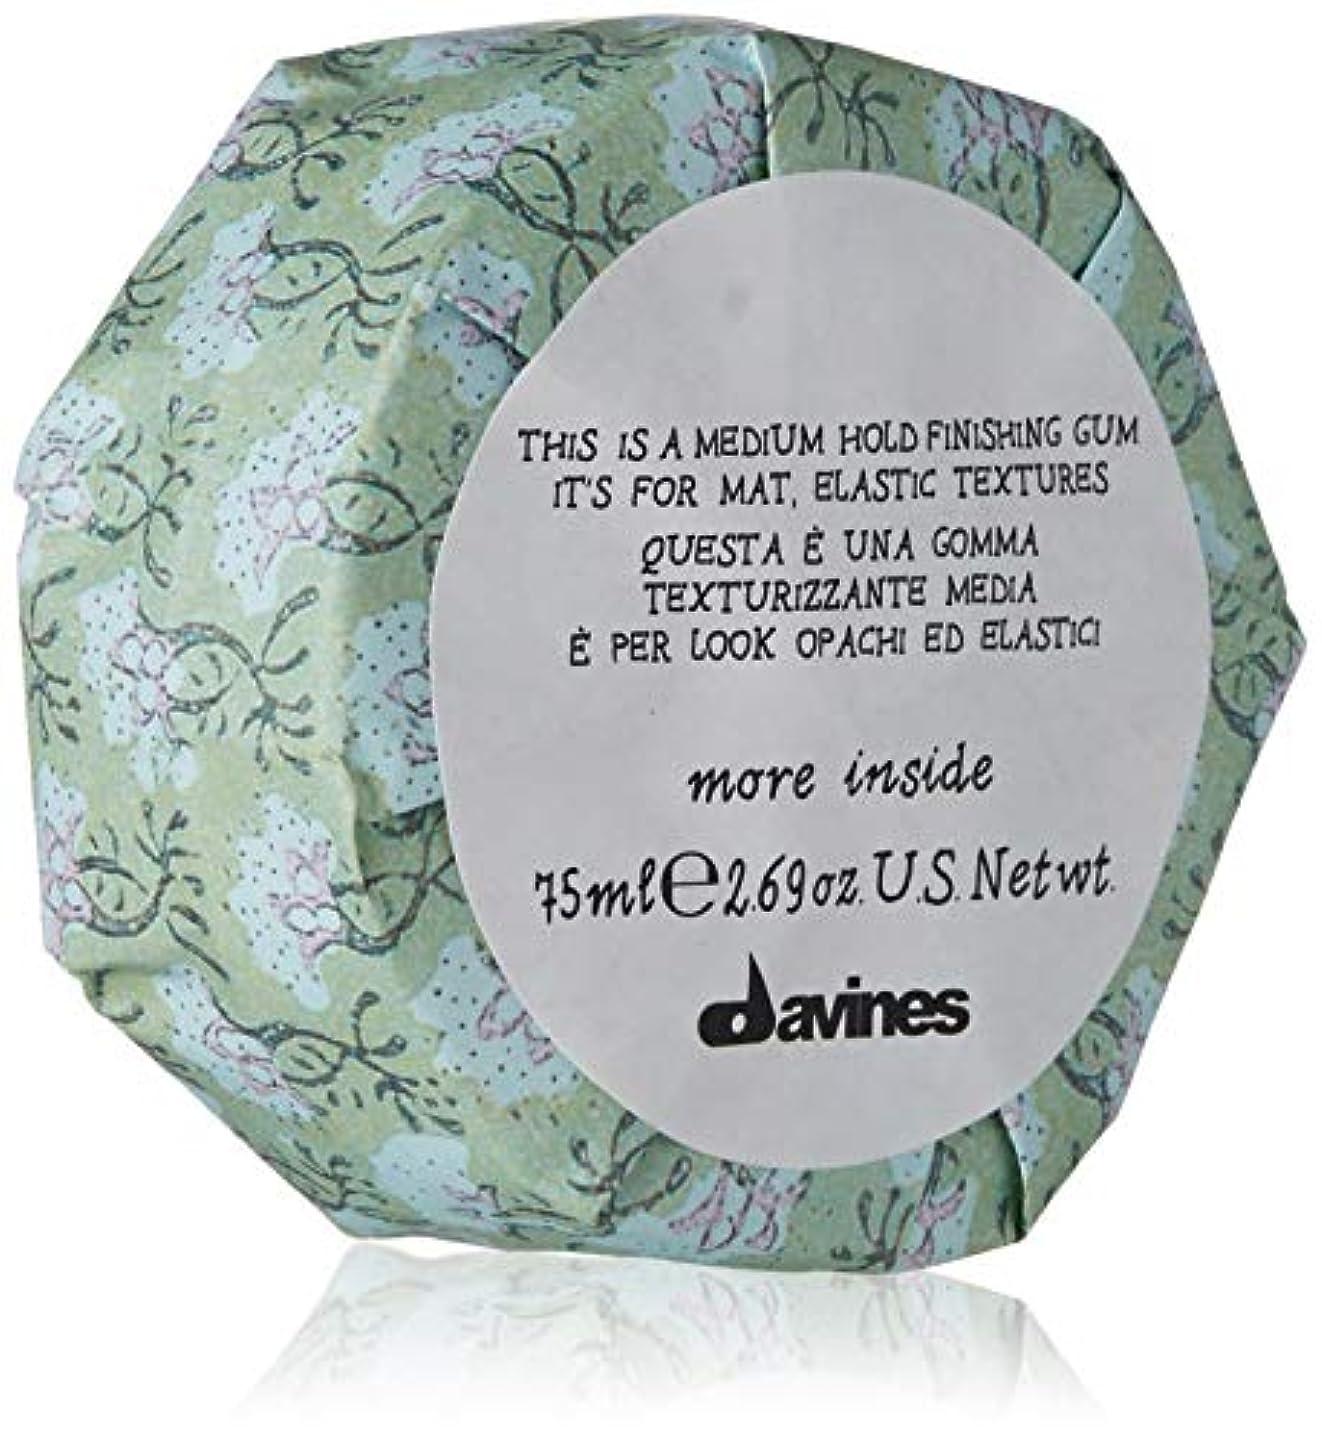 サイトゆるくからに変化するダヴィネス More Inside This Is A Medium Hold Finishing Gum (For Mat, Elastic Textures) 75ml/2.69oz並行輸入品